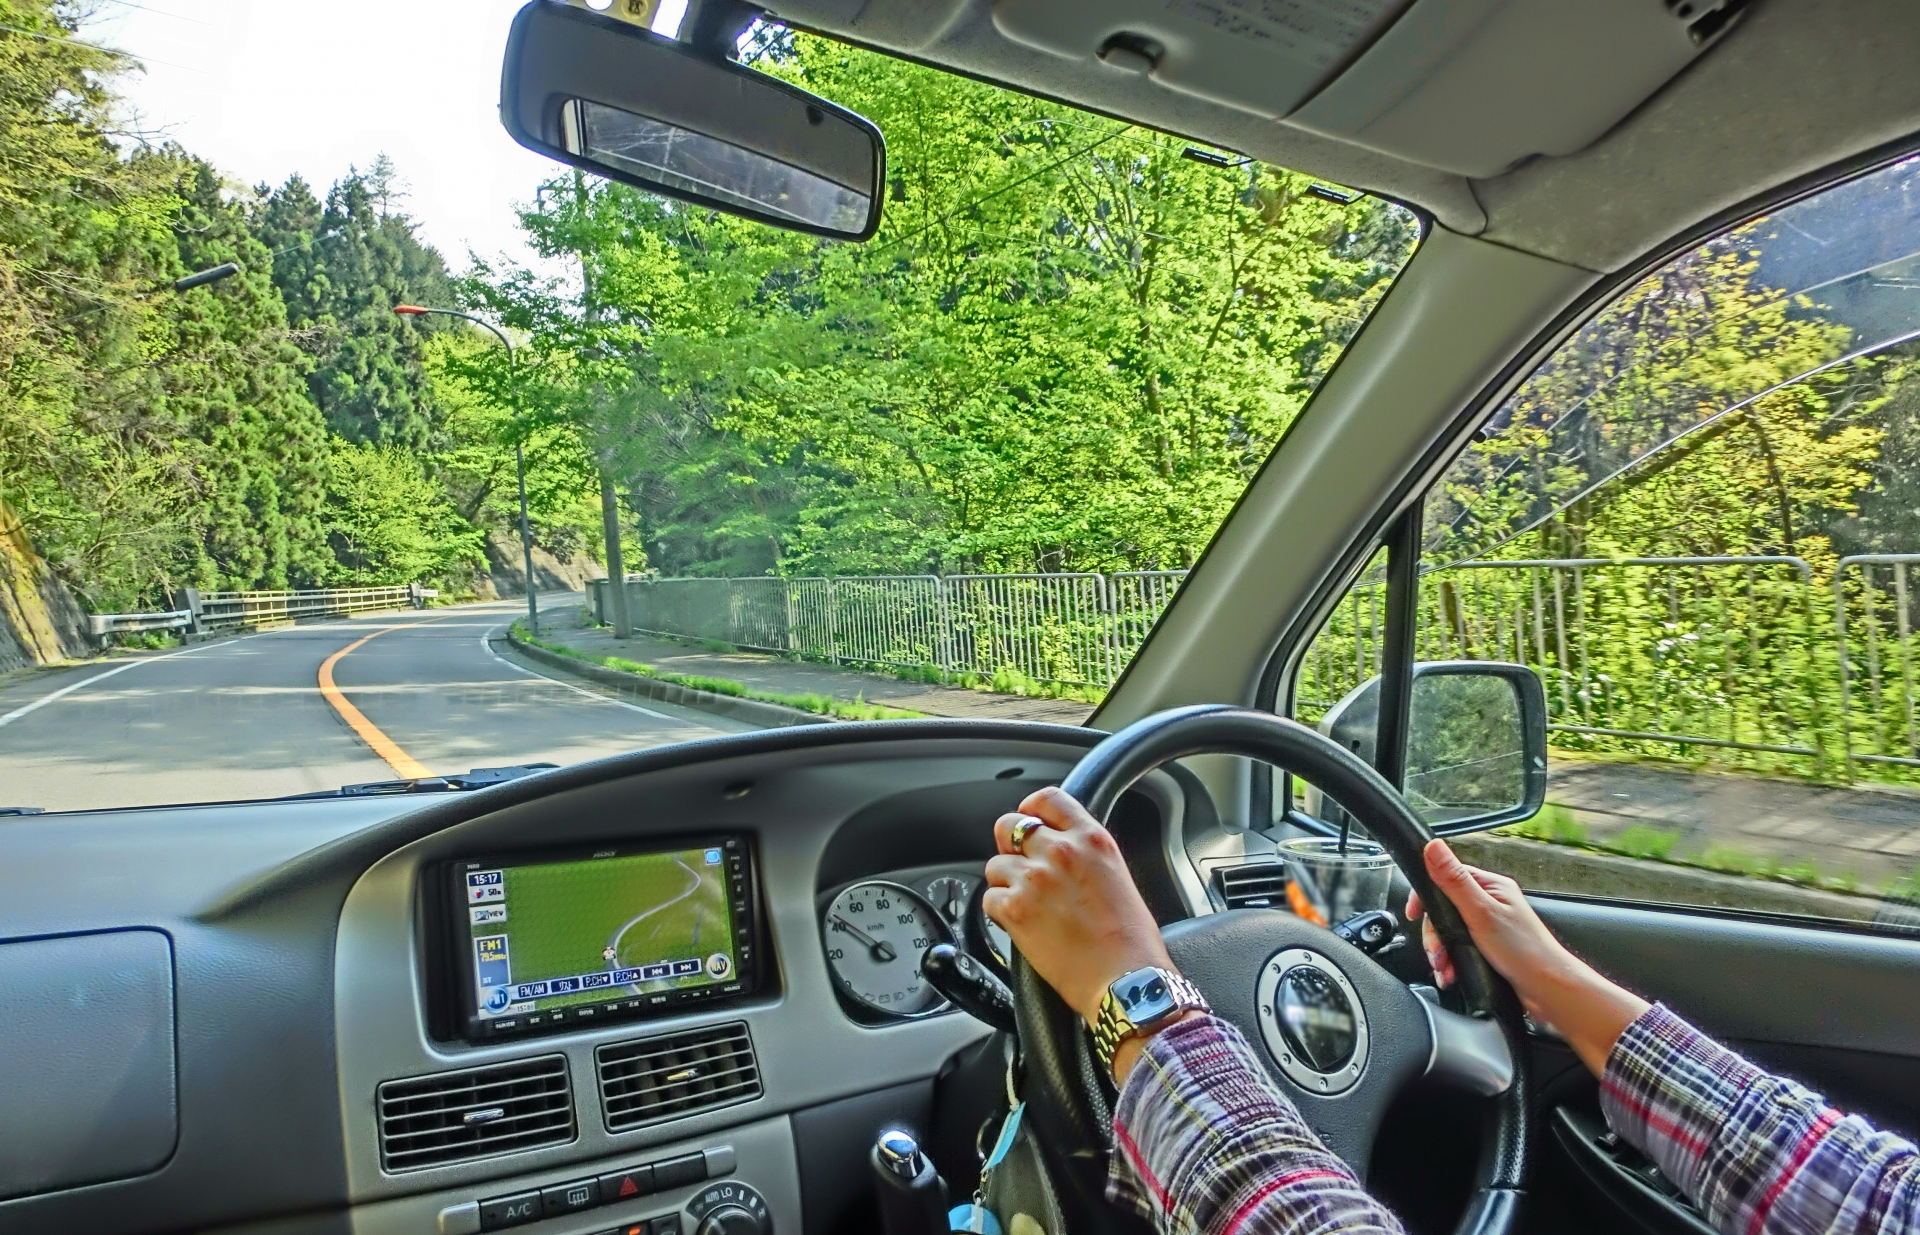 車中泊する際の窓の断熱は重要です!